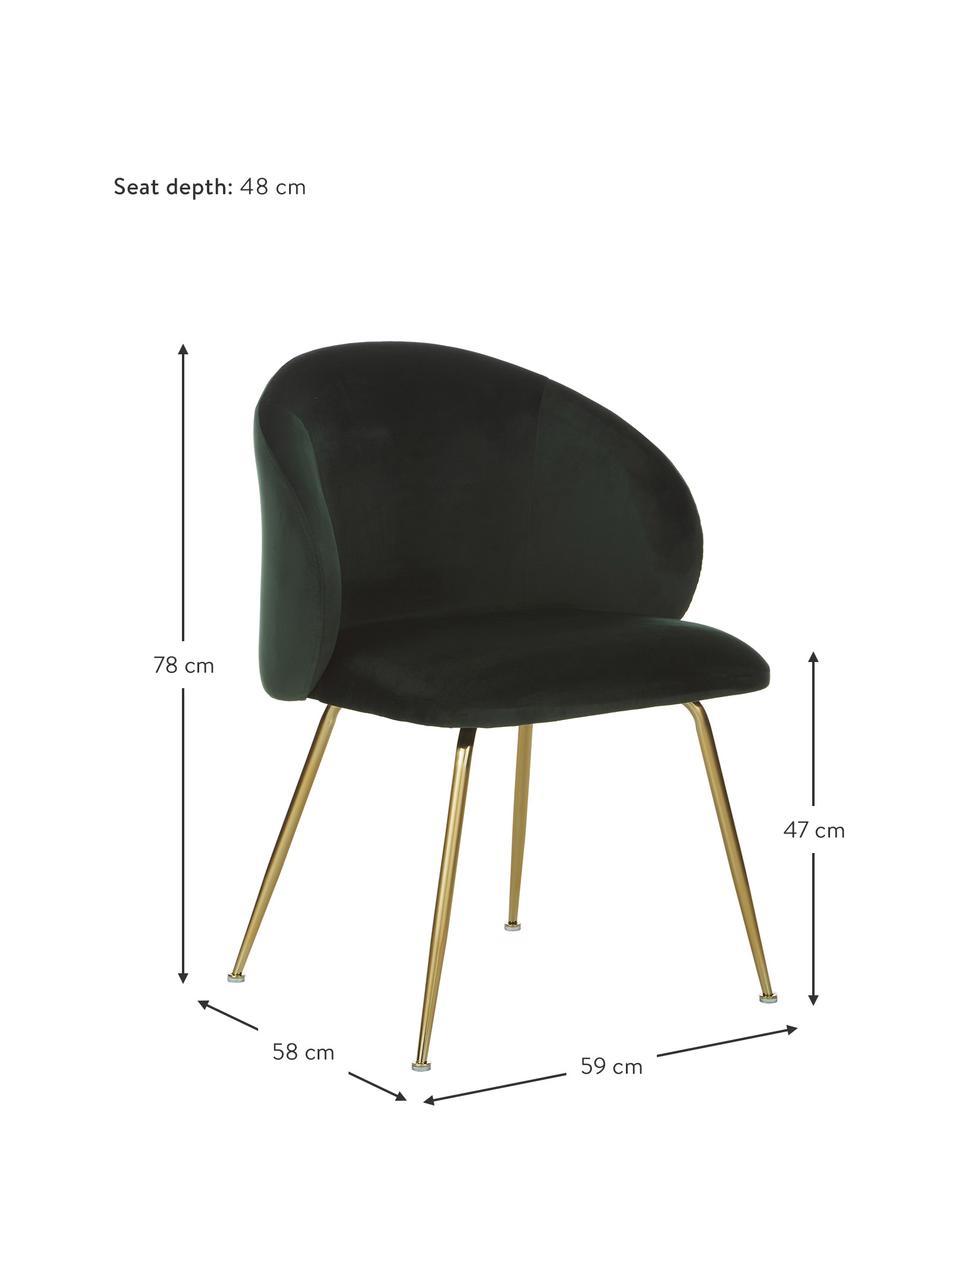 Samt-Polsterstühle Luisa, 2 Stück, Beine: Metall, pulverbeschichtet, Samt Dunkelgrün, Gold, B 59 x T 58 cm